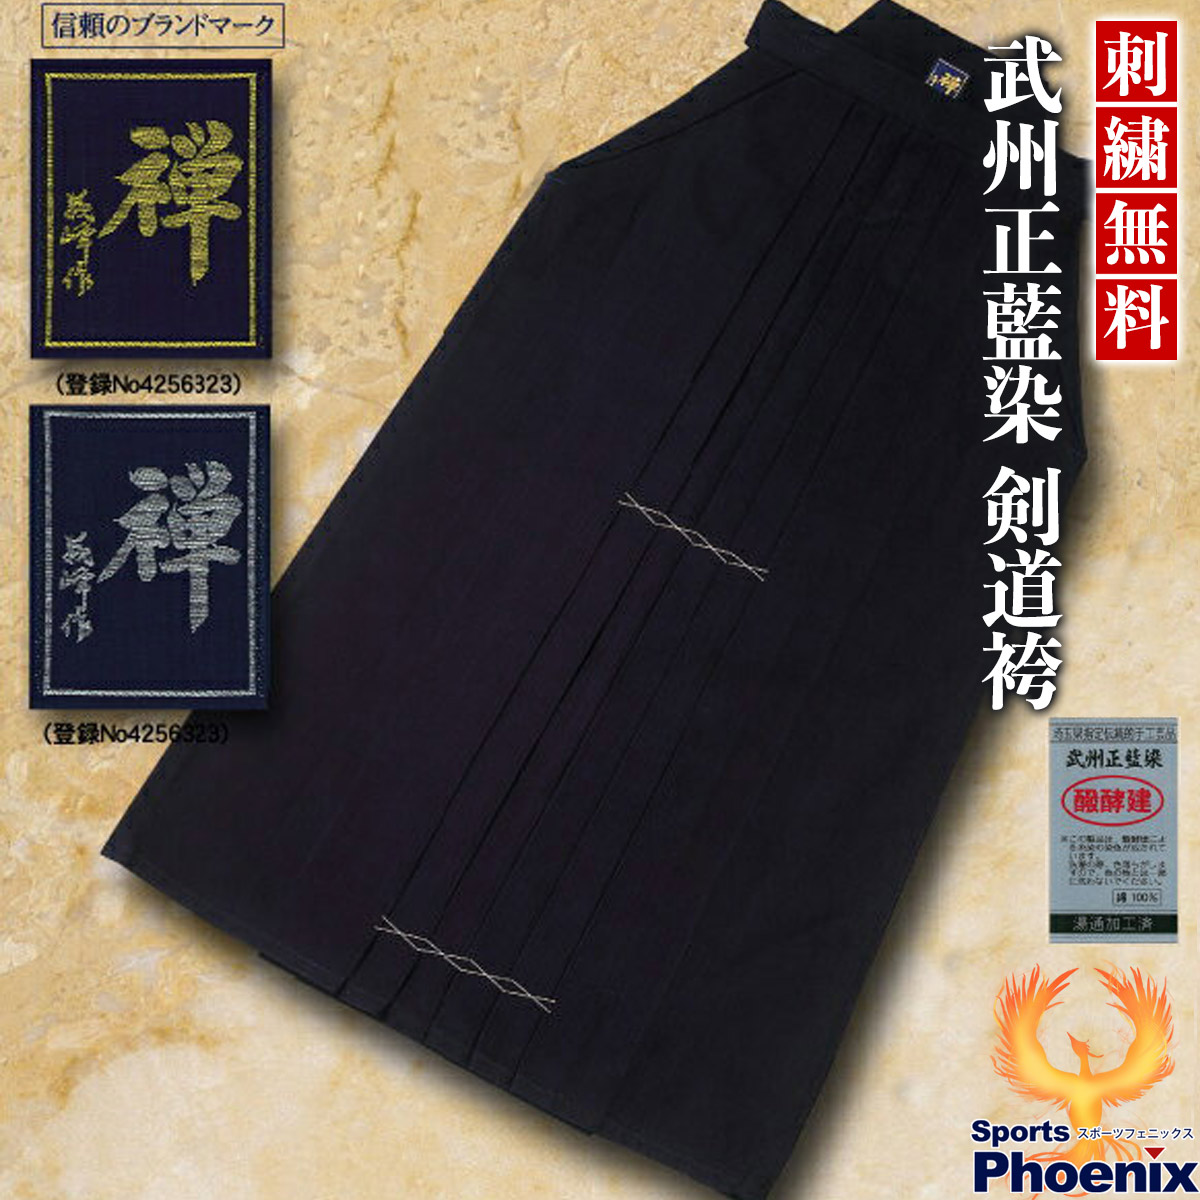 剣道袴 禅 義峰作 ♯8800銀印23~26.5 剣道用品 剣道着